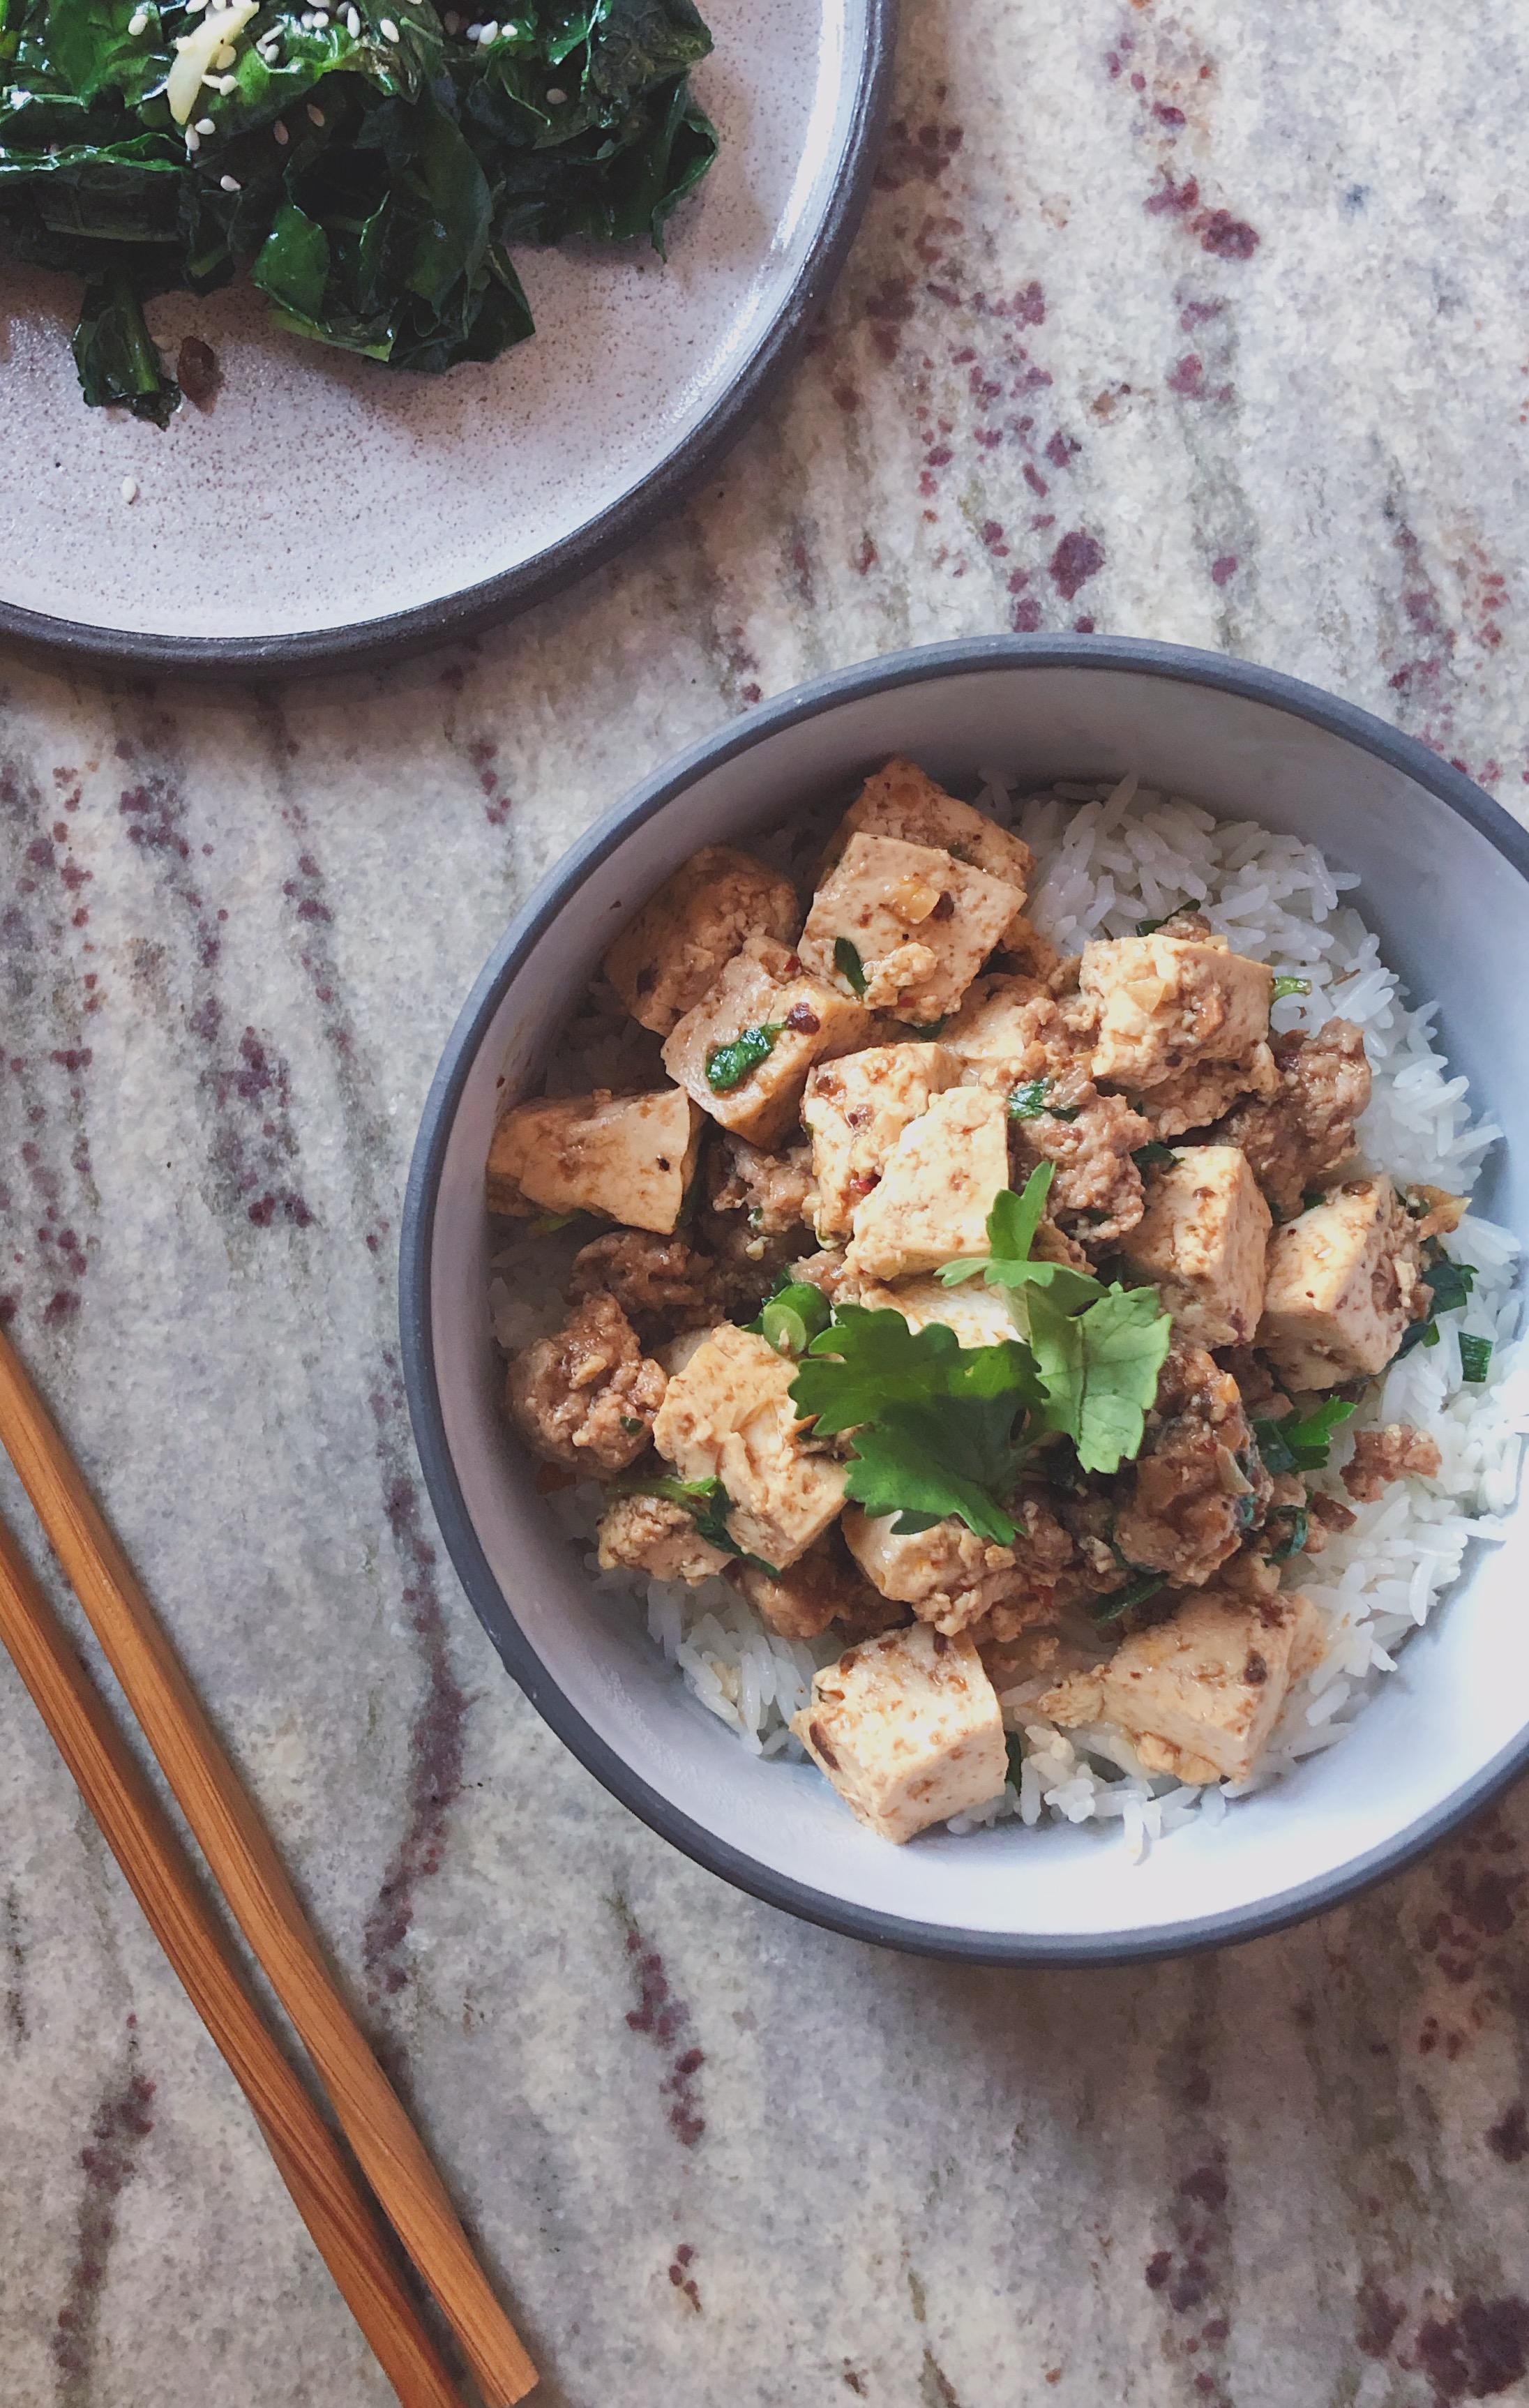 Serving Ma Po Tofu Sichuan